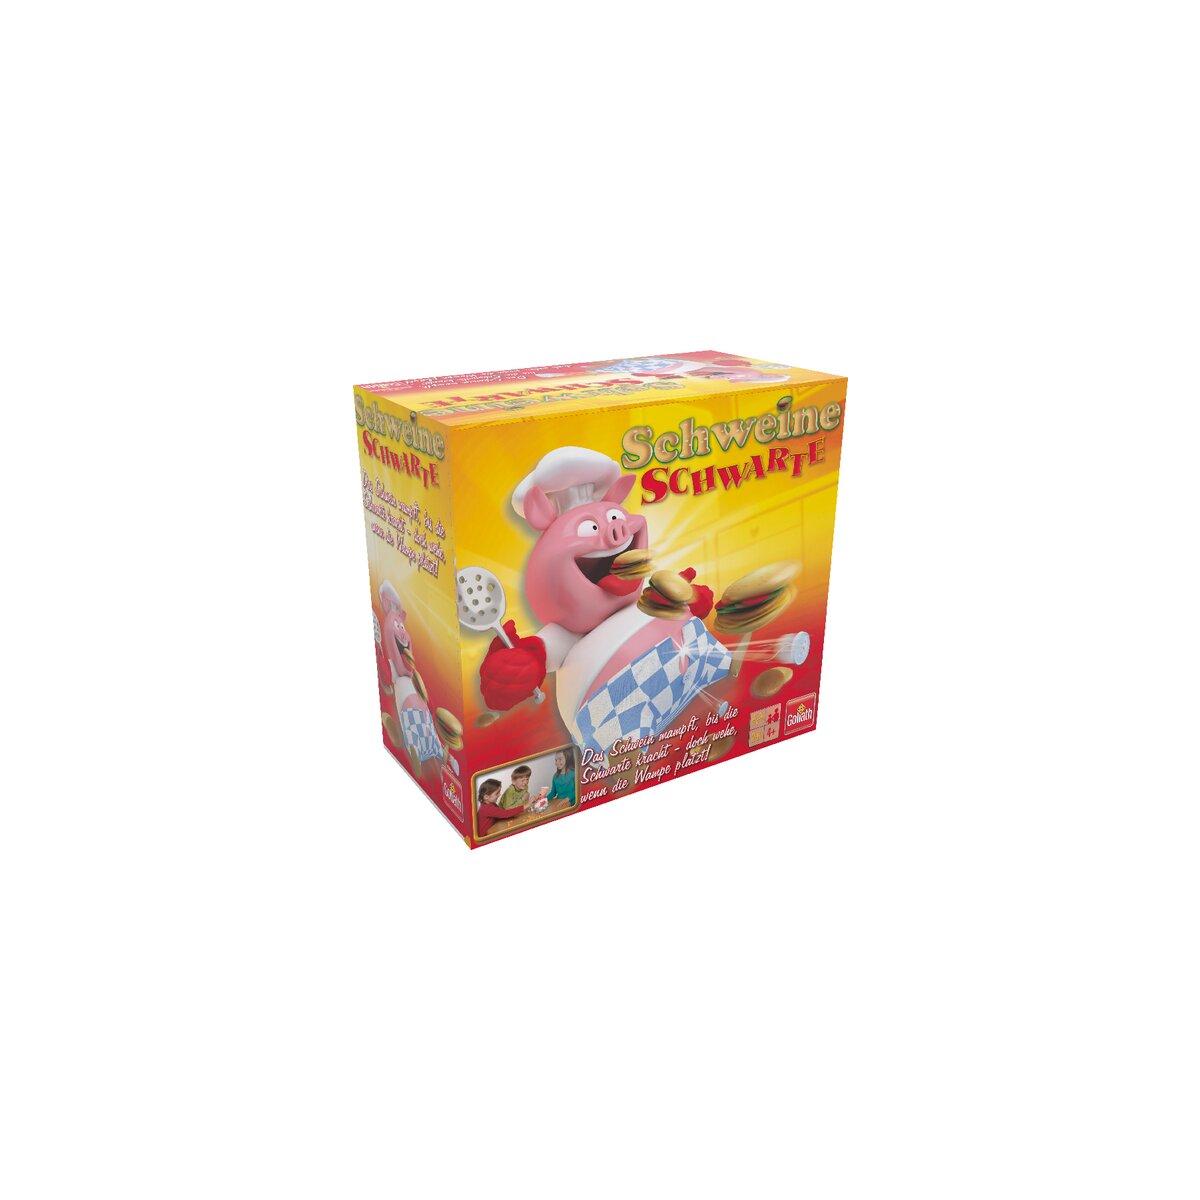 Schwein Schwarte